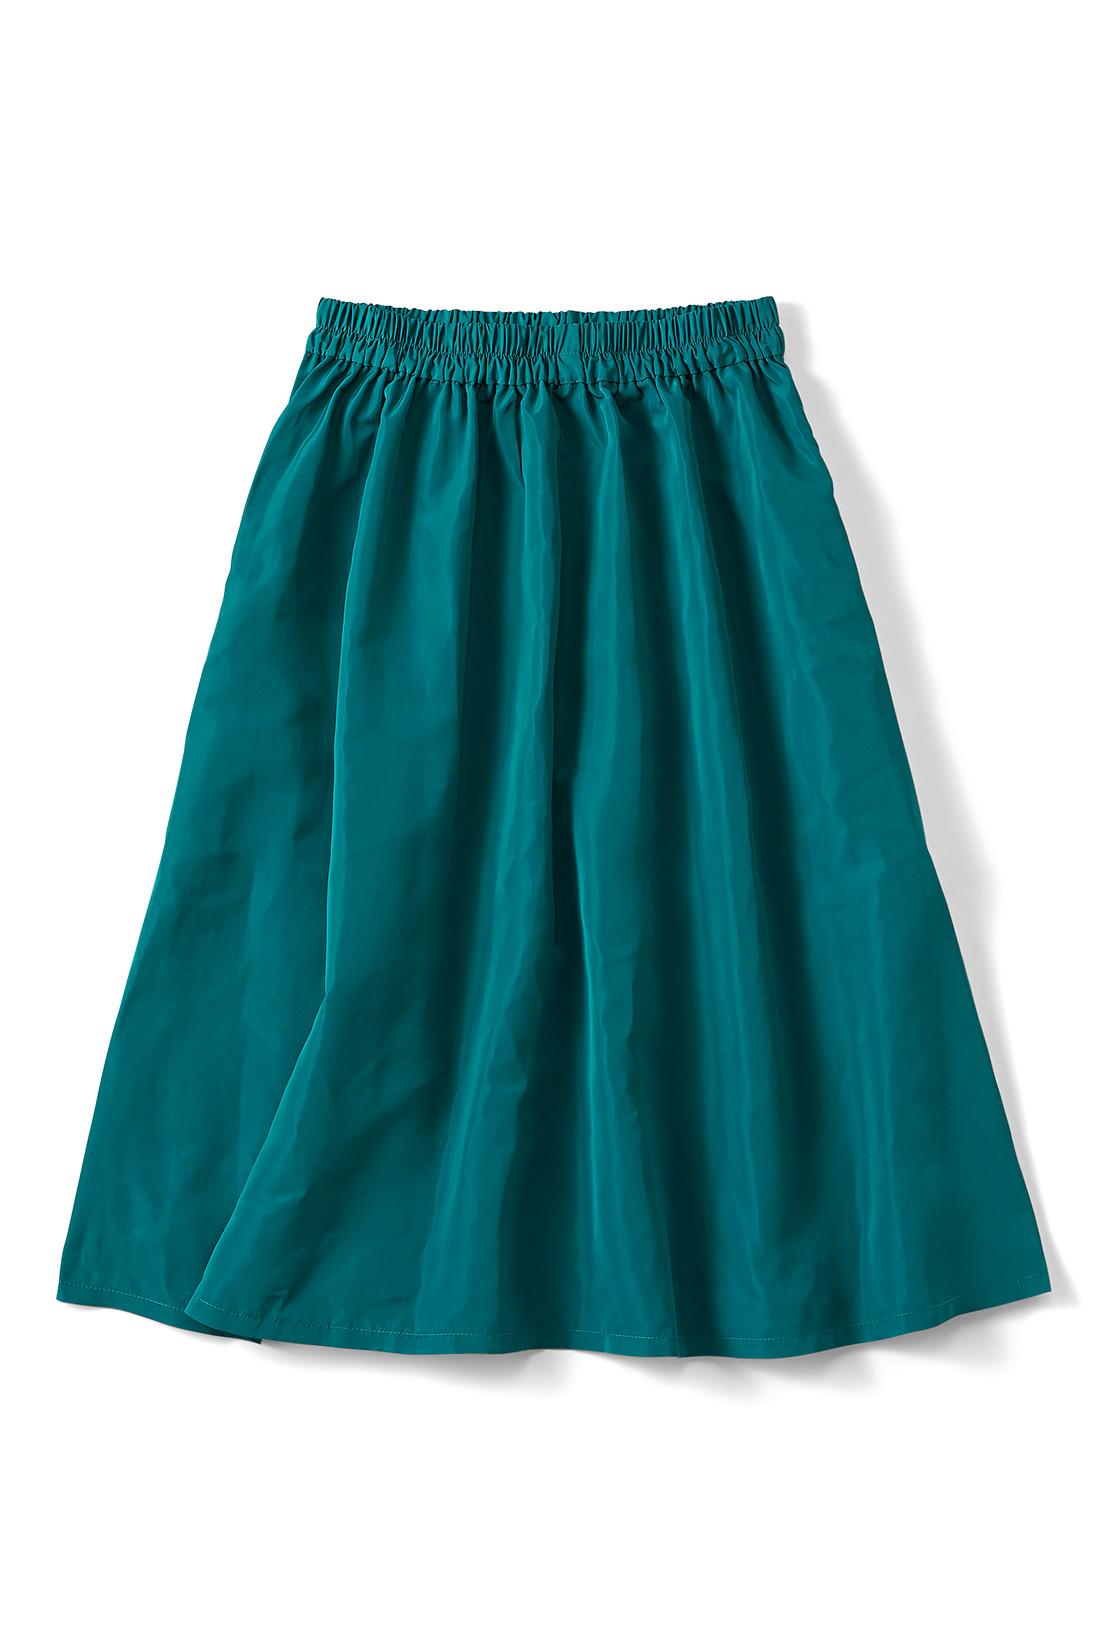 【ブルーグリーン】暗くなりがちな秋冬コーデにぴりっとインパクト。シャカっとした素材です。便利なポケット付き。